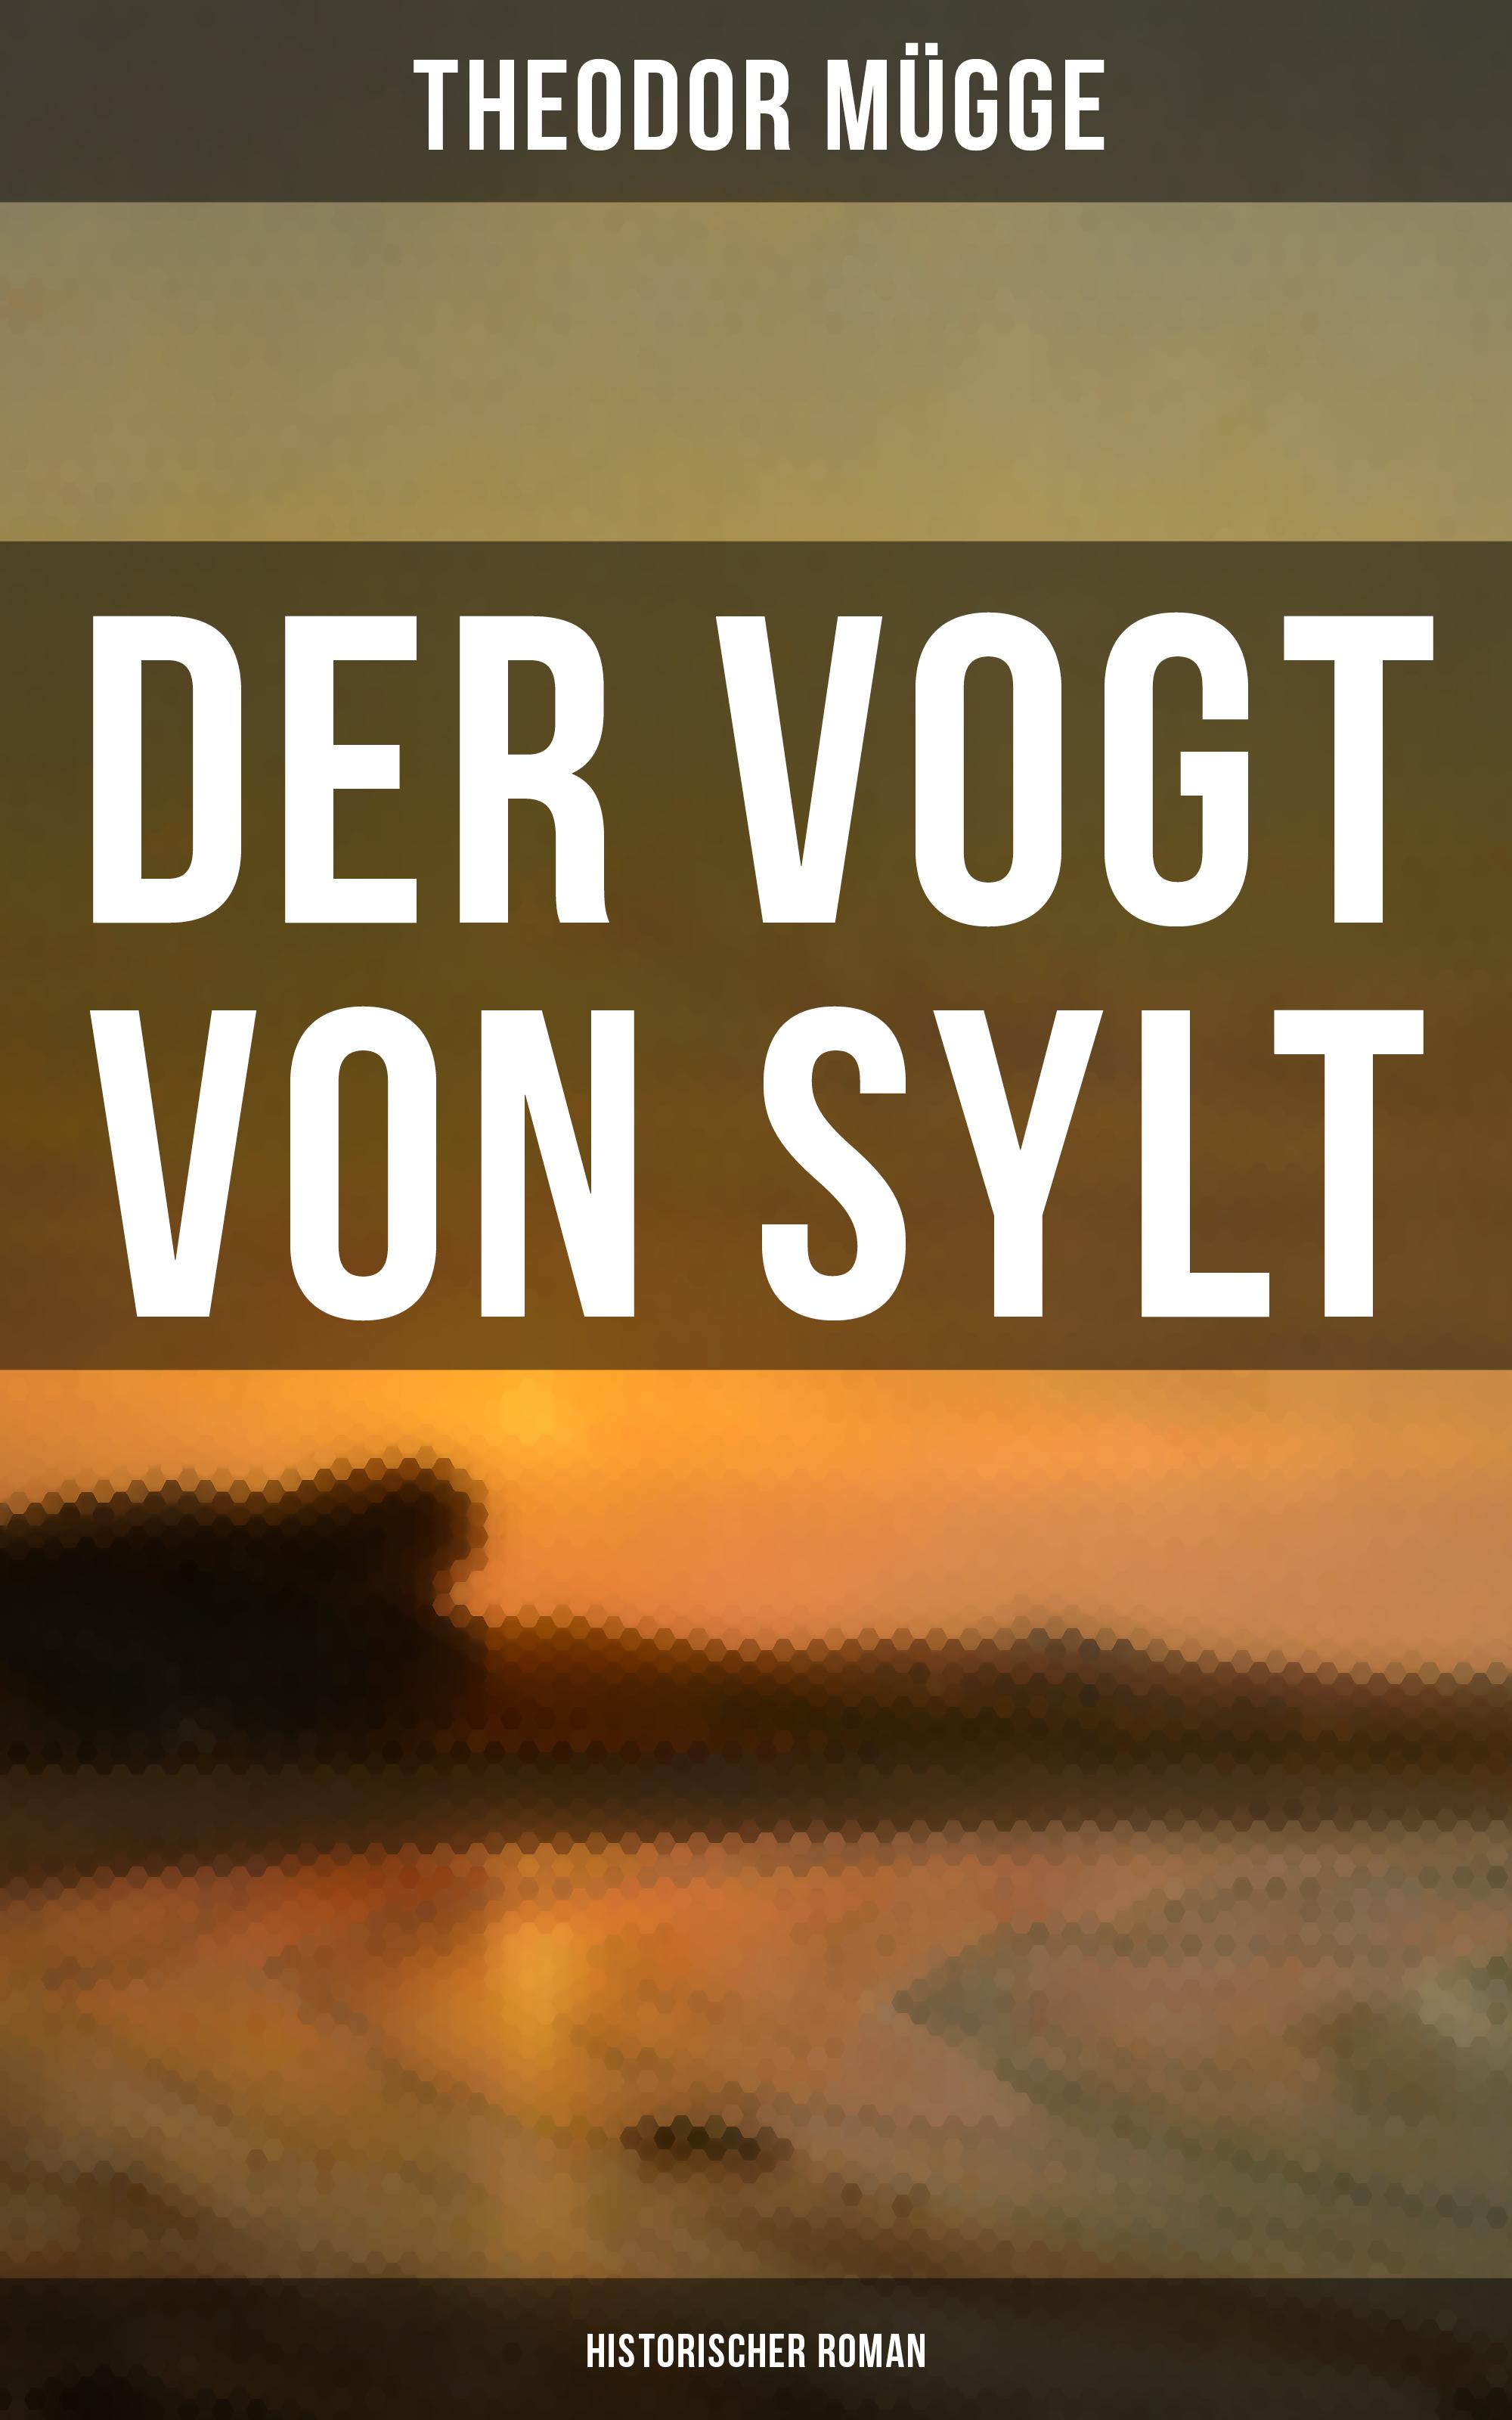 Theodor Mugge Der Vogt von Sylt (Historischer Roman) rebecca myga der deutsche regionalkrimi der roman vogelwild von richard auer